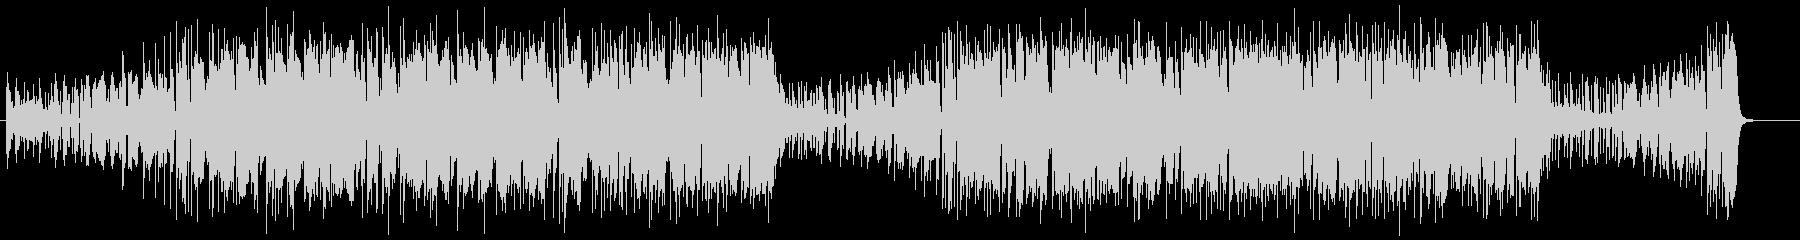 EDM仕立てのラテンサウンドの未再生の波形